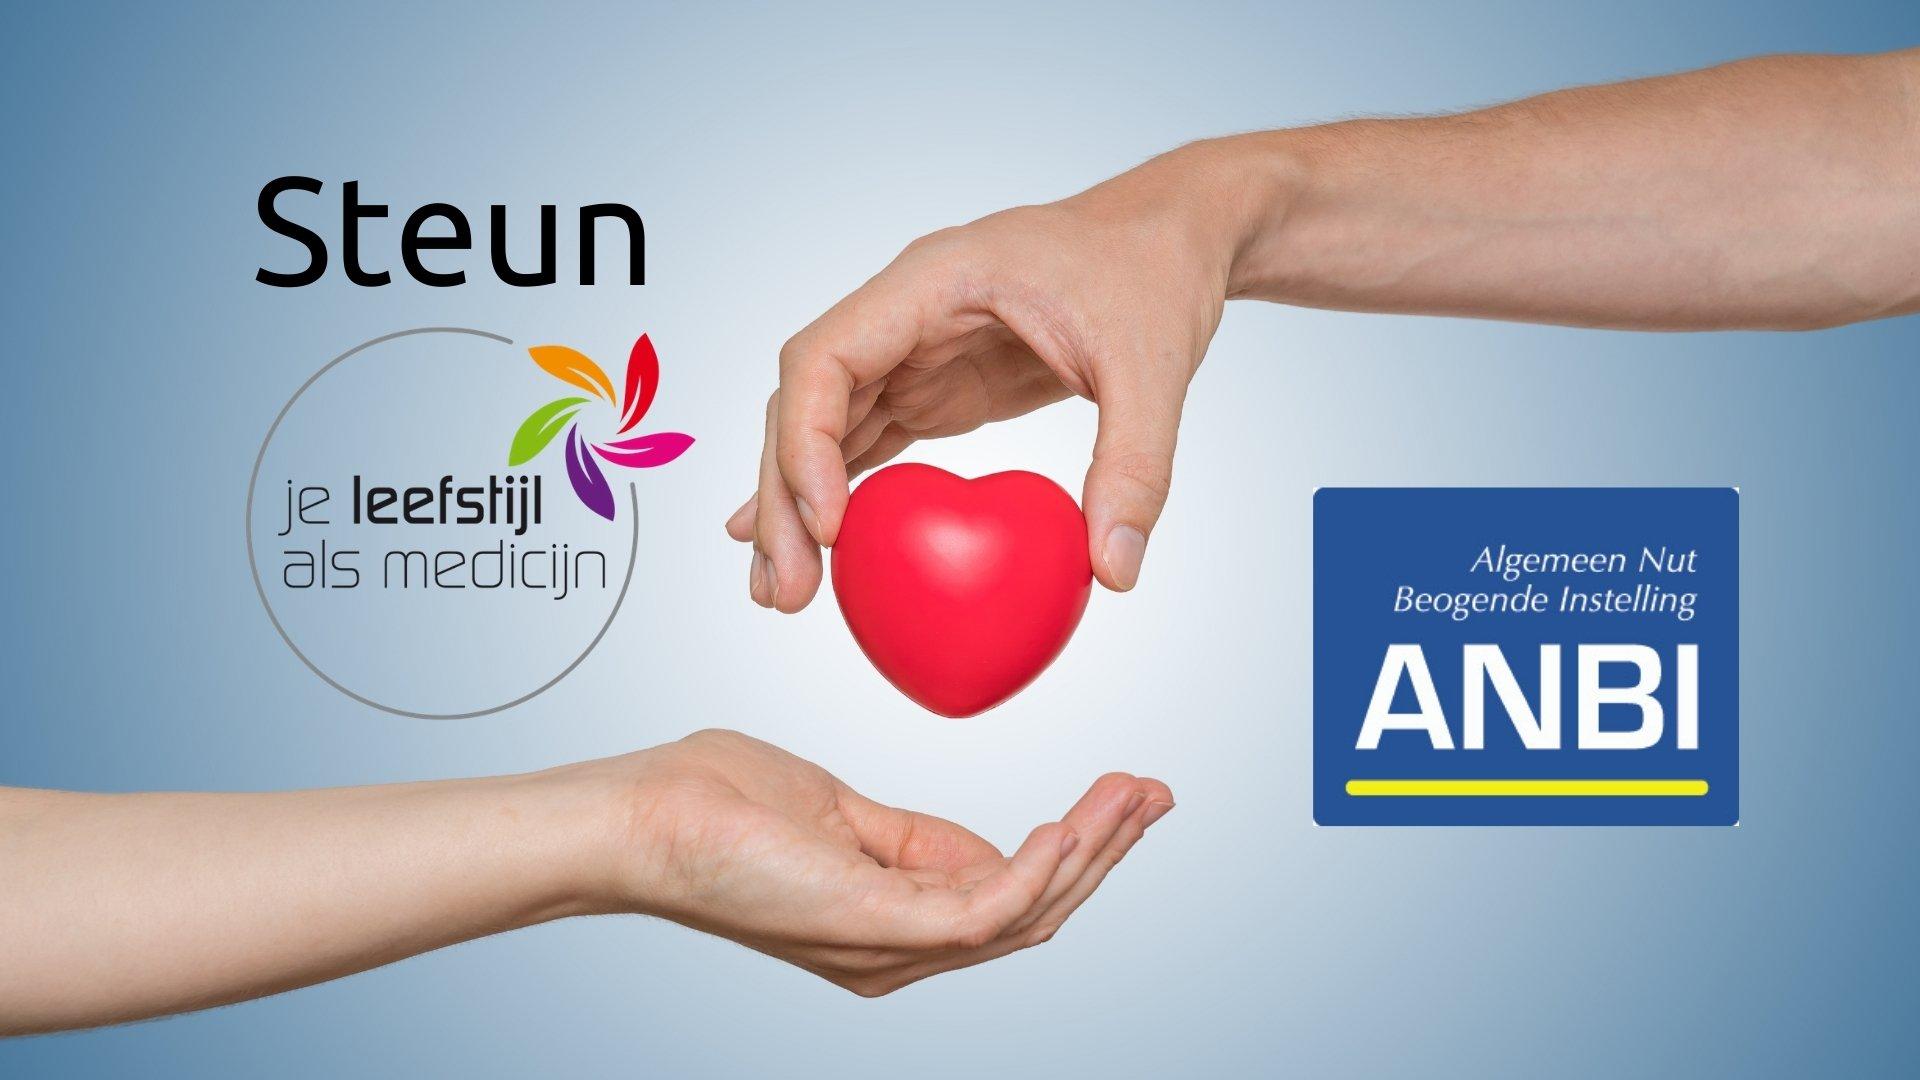 Steun Stichting Je Leefstijl Als Medicijn hero banner